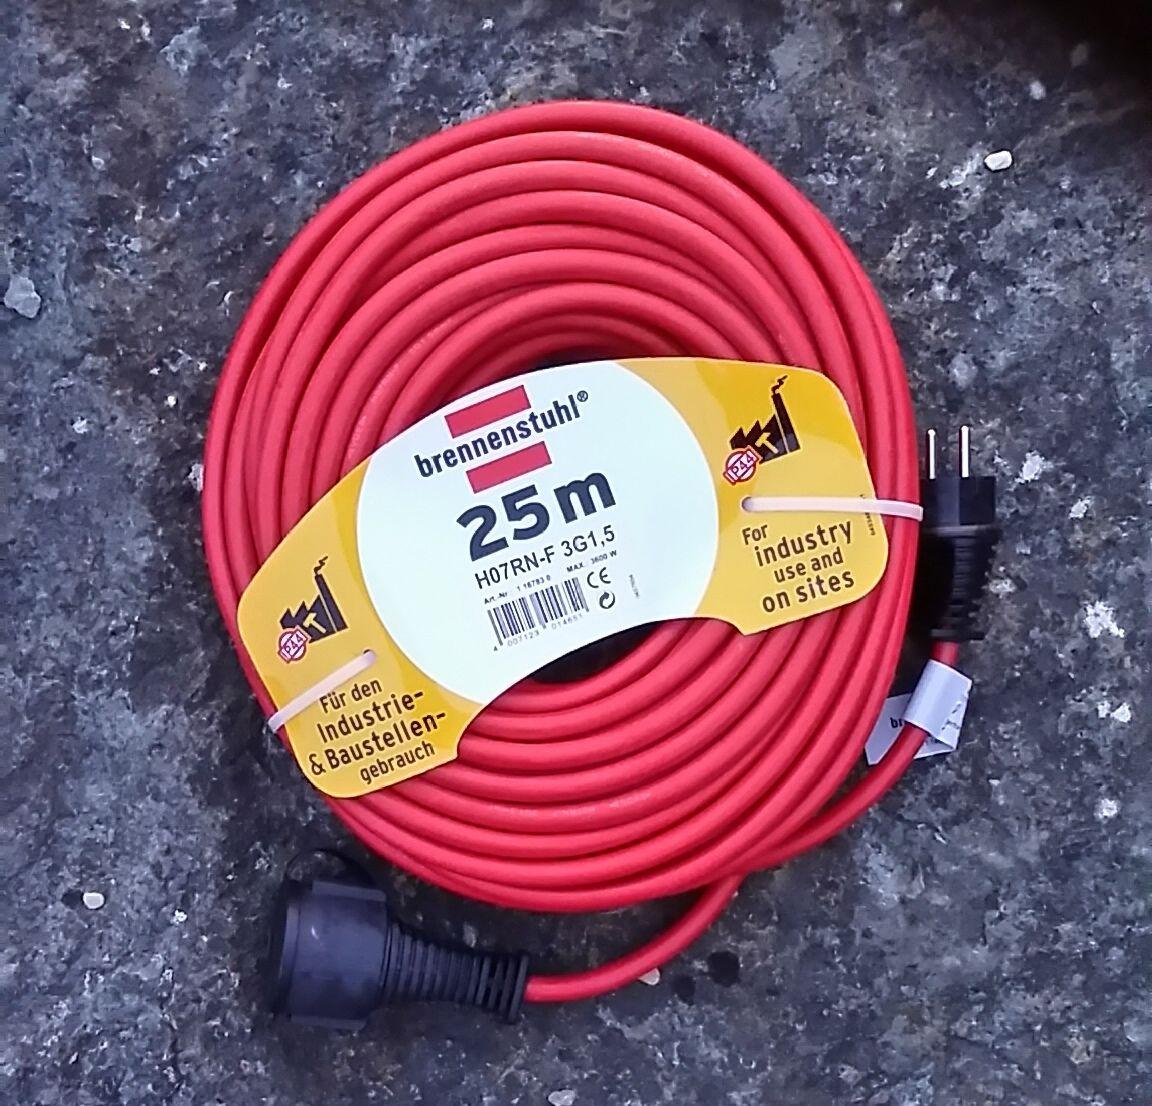 Brennenstuhl Verlängerungskabel IP44 25 Meter H07RN-F 3G1,5 rot   Kabel   Neu   Ausgezeichnet (in) Qualität